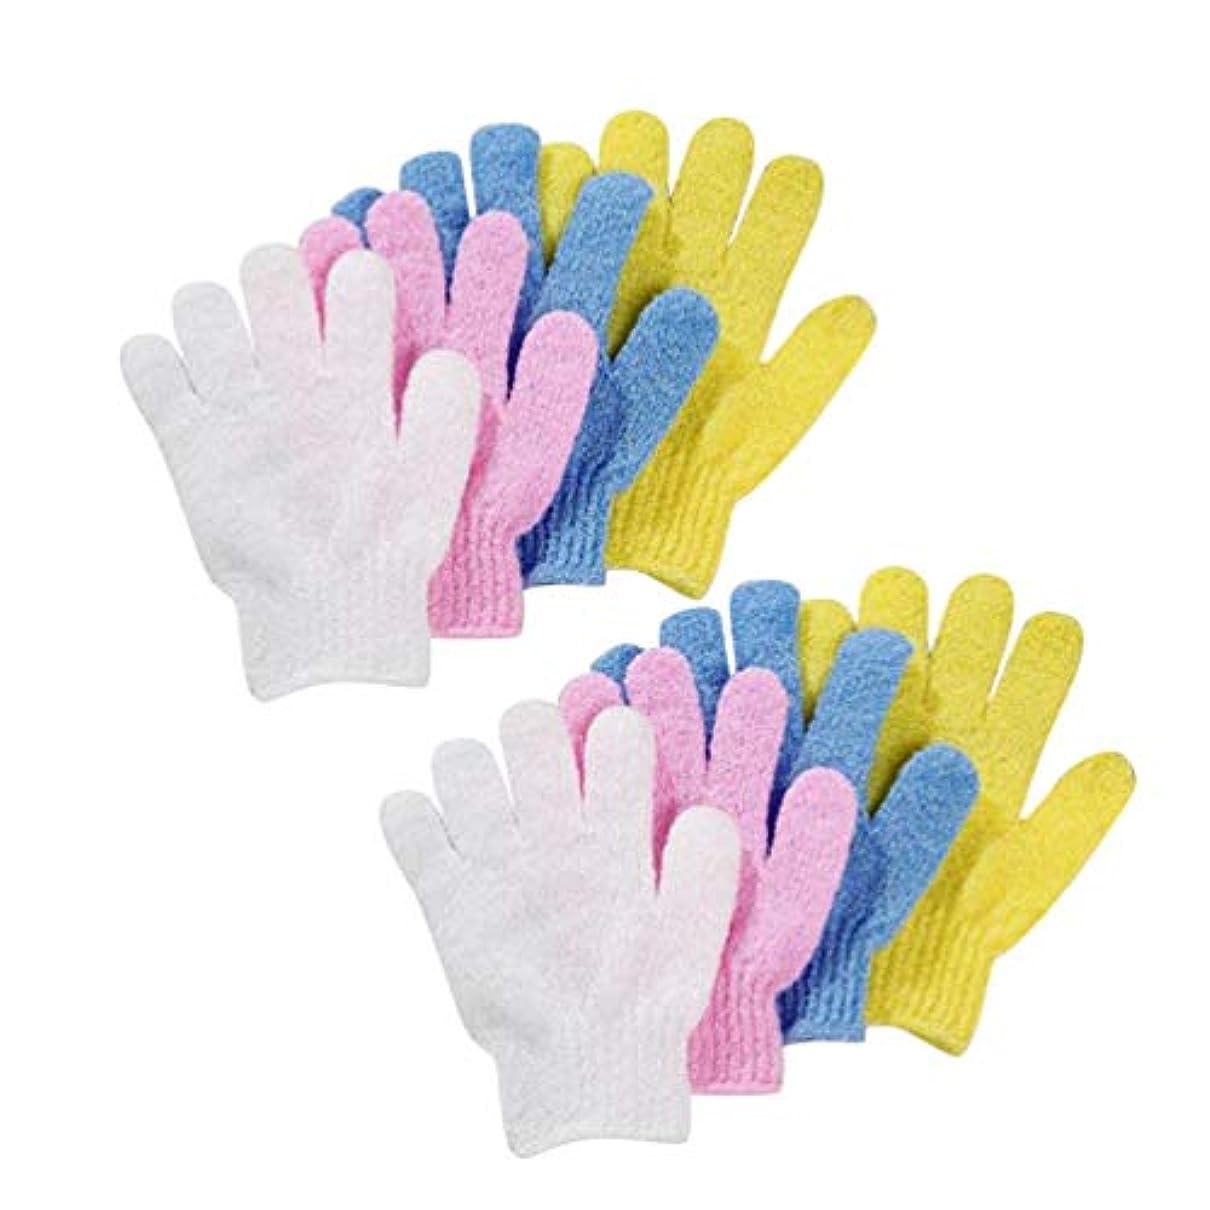 相対サイズリマロデオFrcolor 浴用手袋 お風呂手袋 五本指 泡立ち 角質取り シャワーバスグローブ ナイロン 垢すり手袋 バス用品 4ペア 8枚セット(ホワイト)